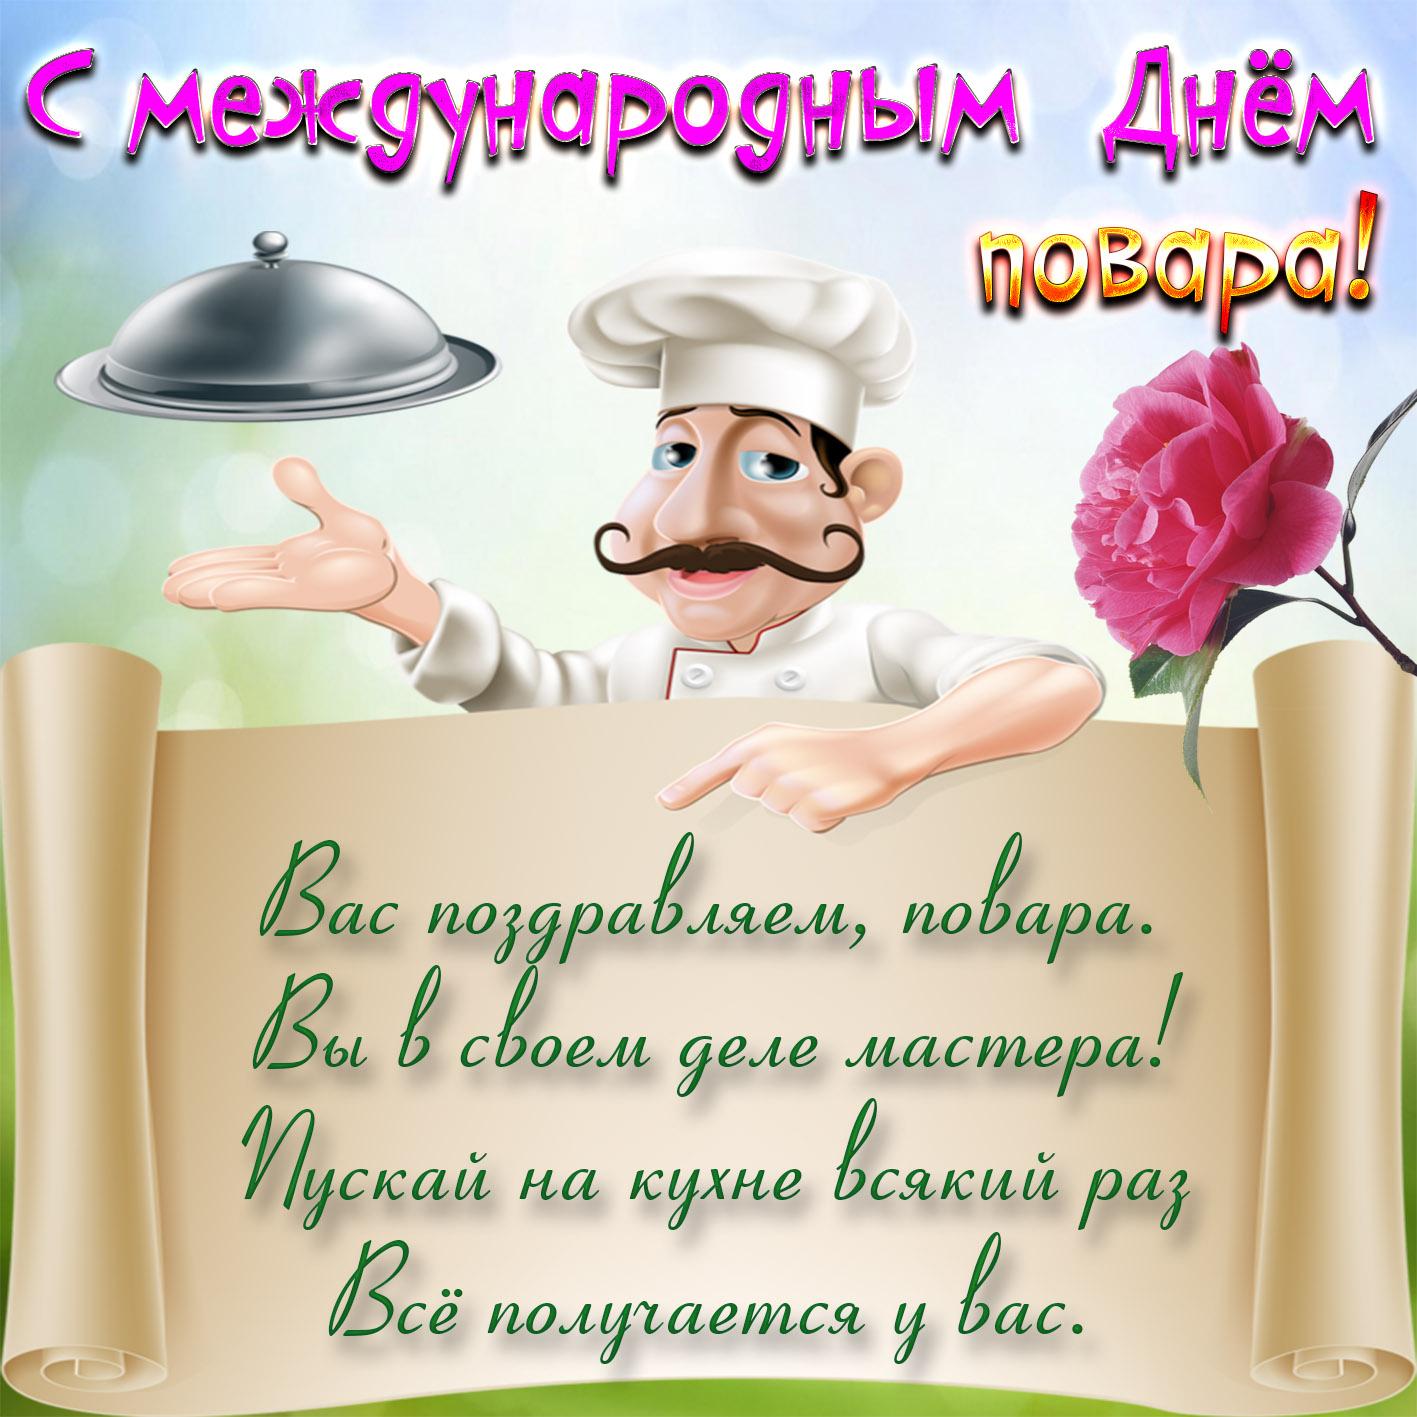 Поздравления открытка с днем повара, мужские смешные